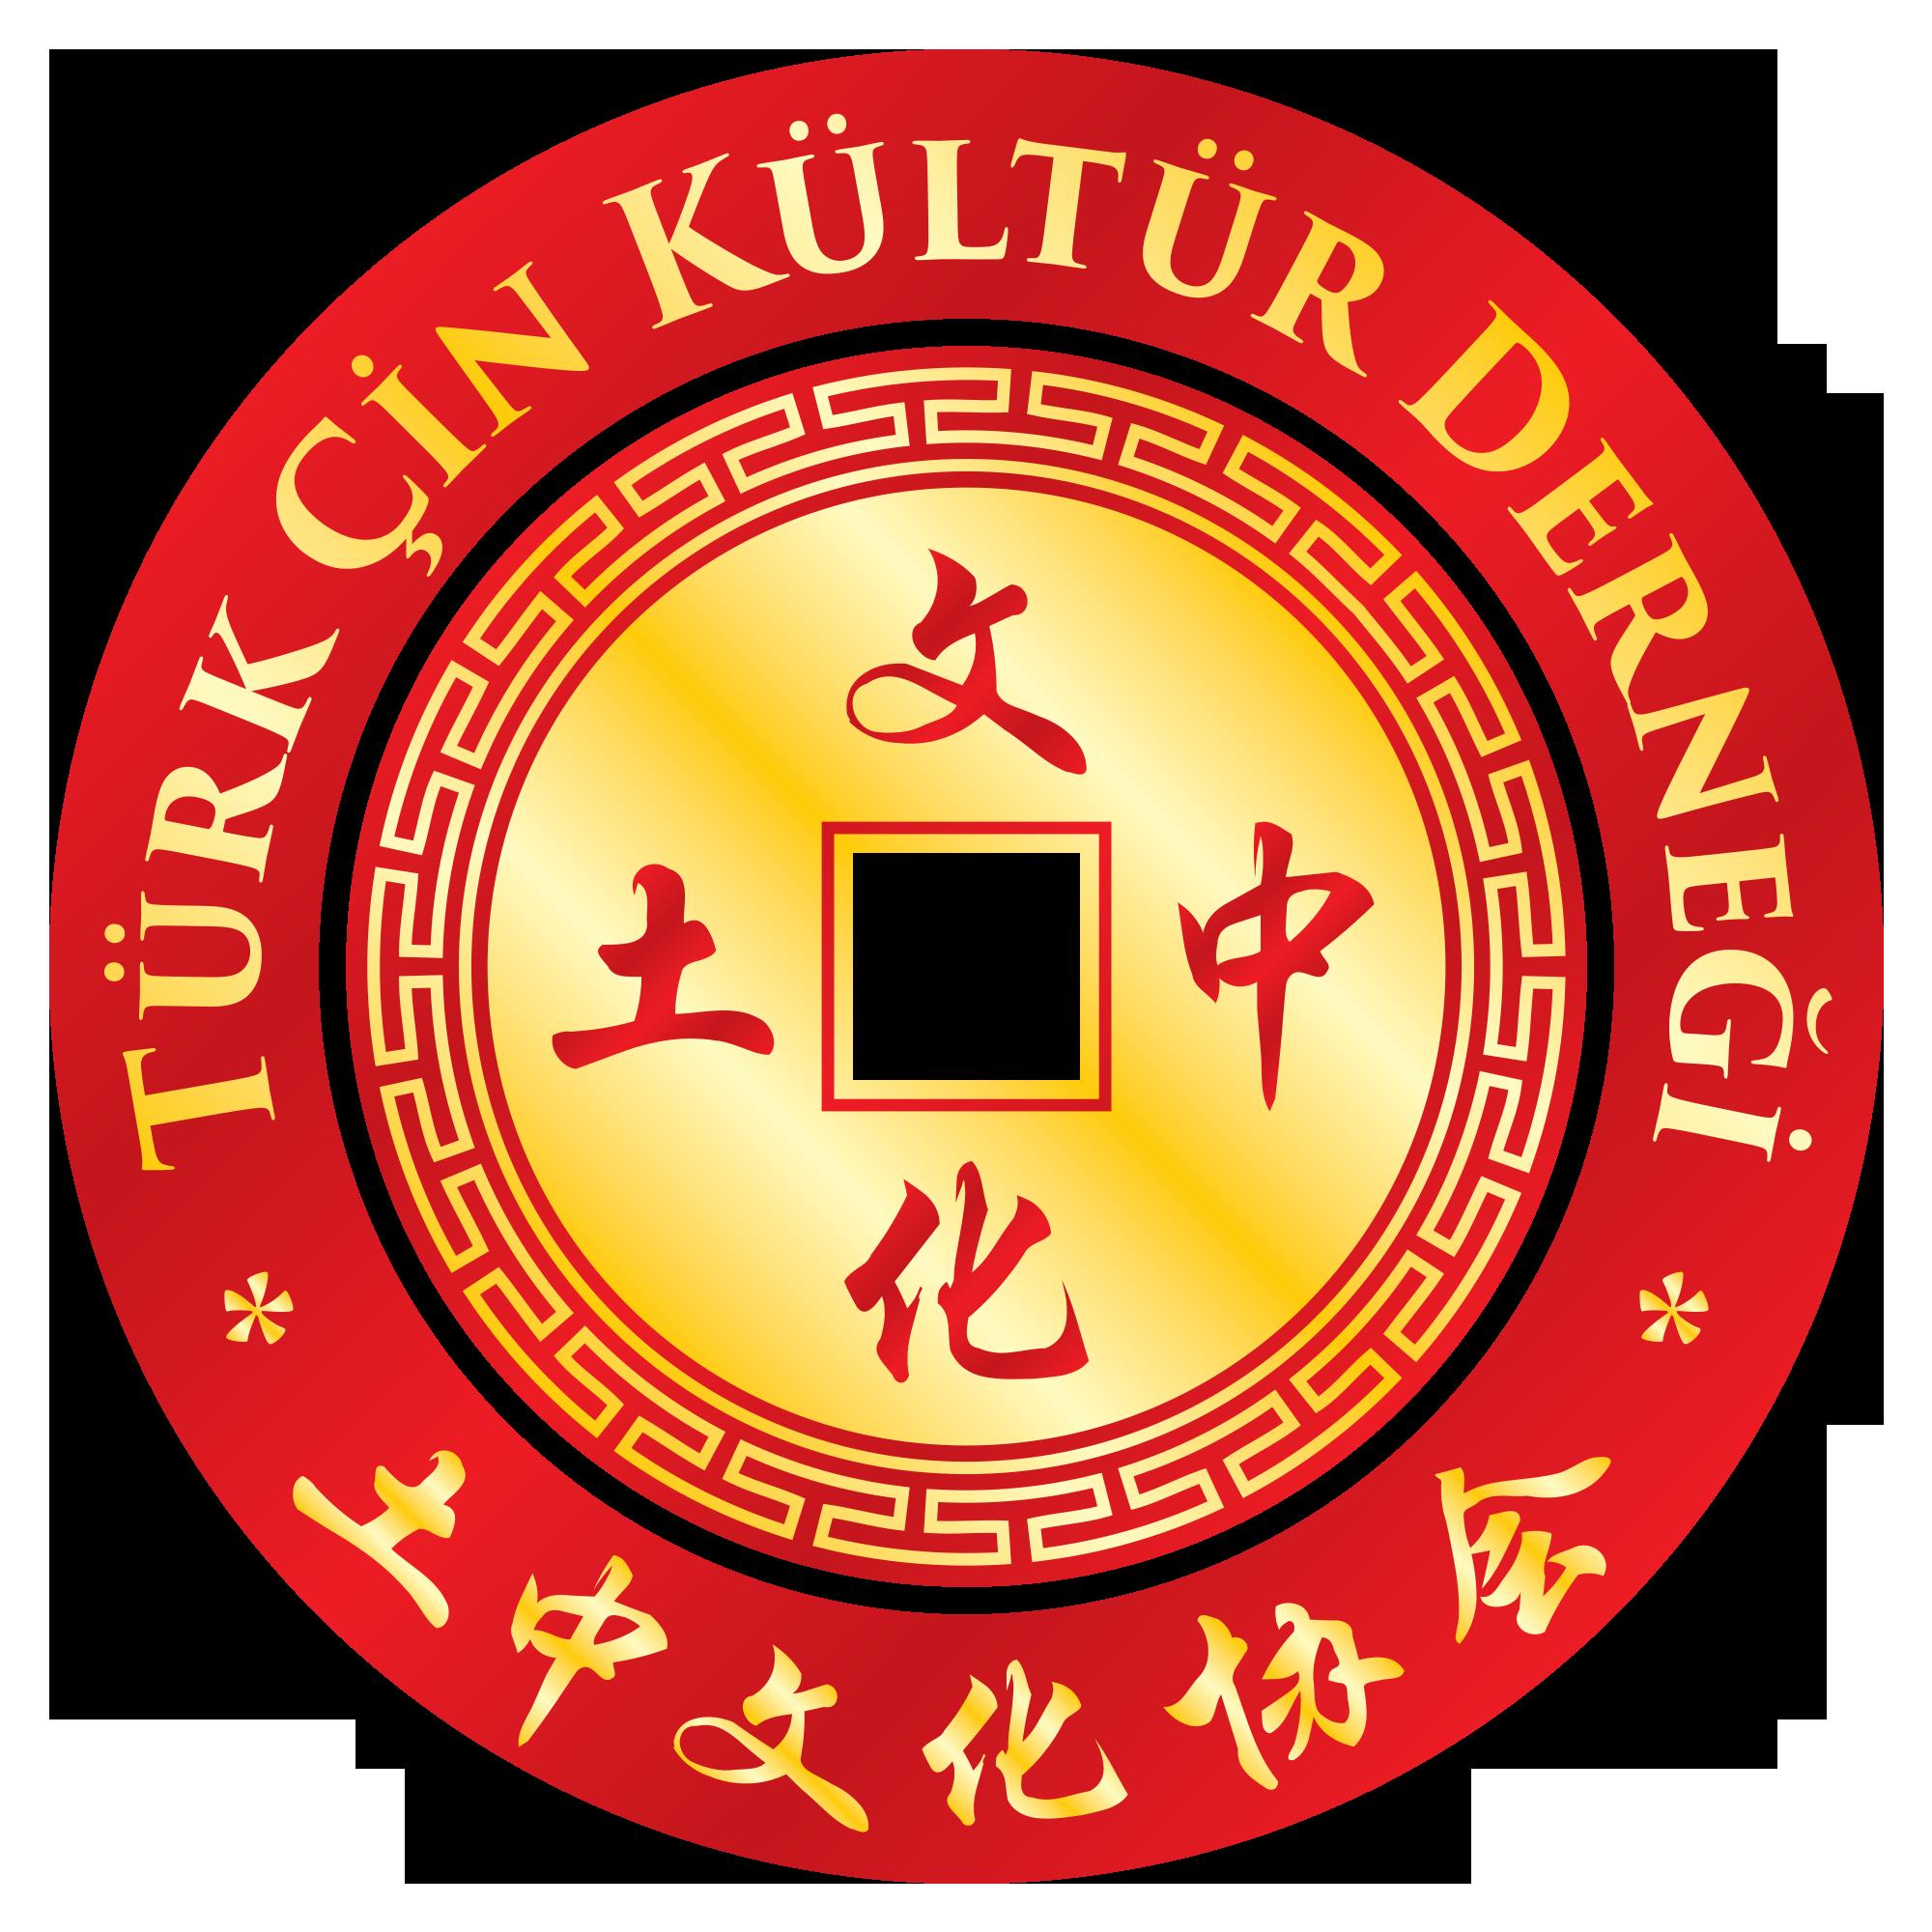 Türk Çin Kültür Derneği kursları Anadolu Yakası'nda Kadıköy'de